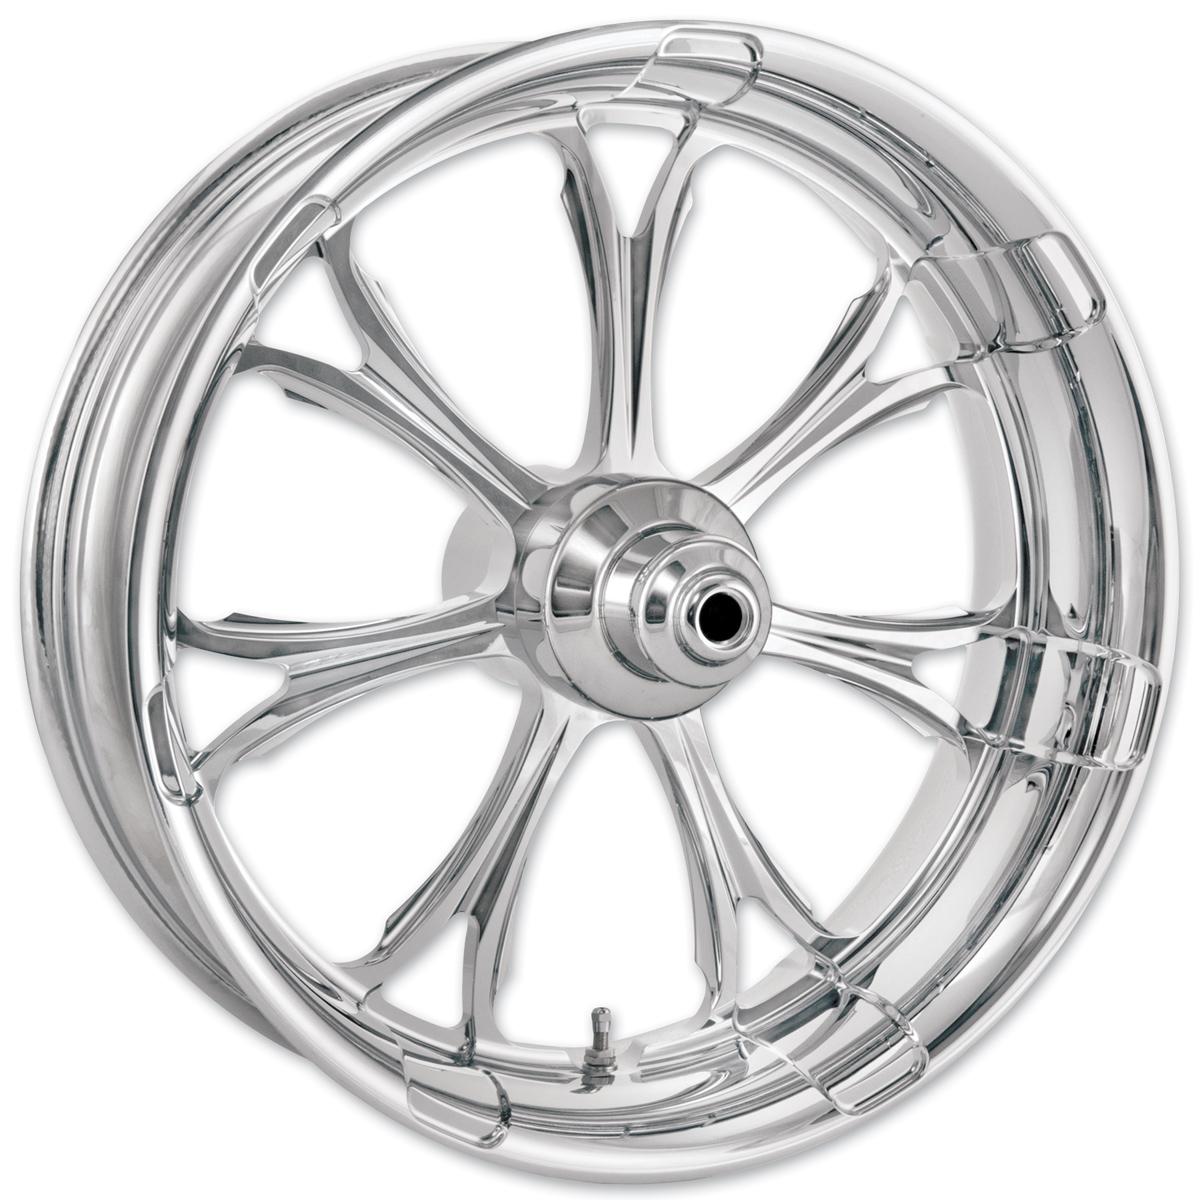 Performance Machine Paramount Chrome Front Wheel 23x3.5 Non-ABS